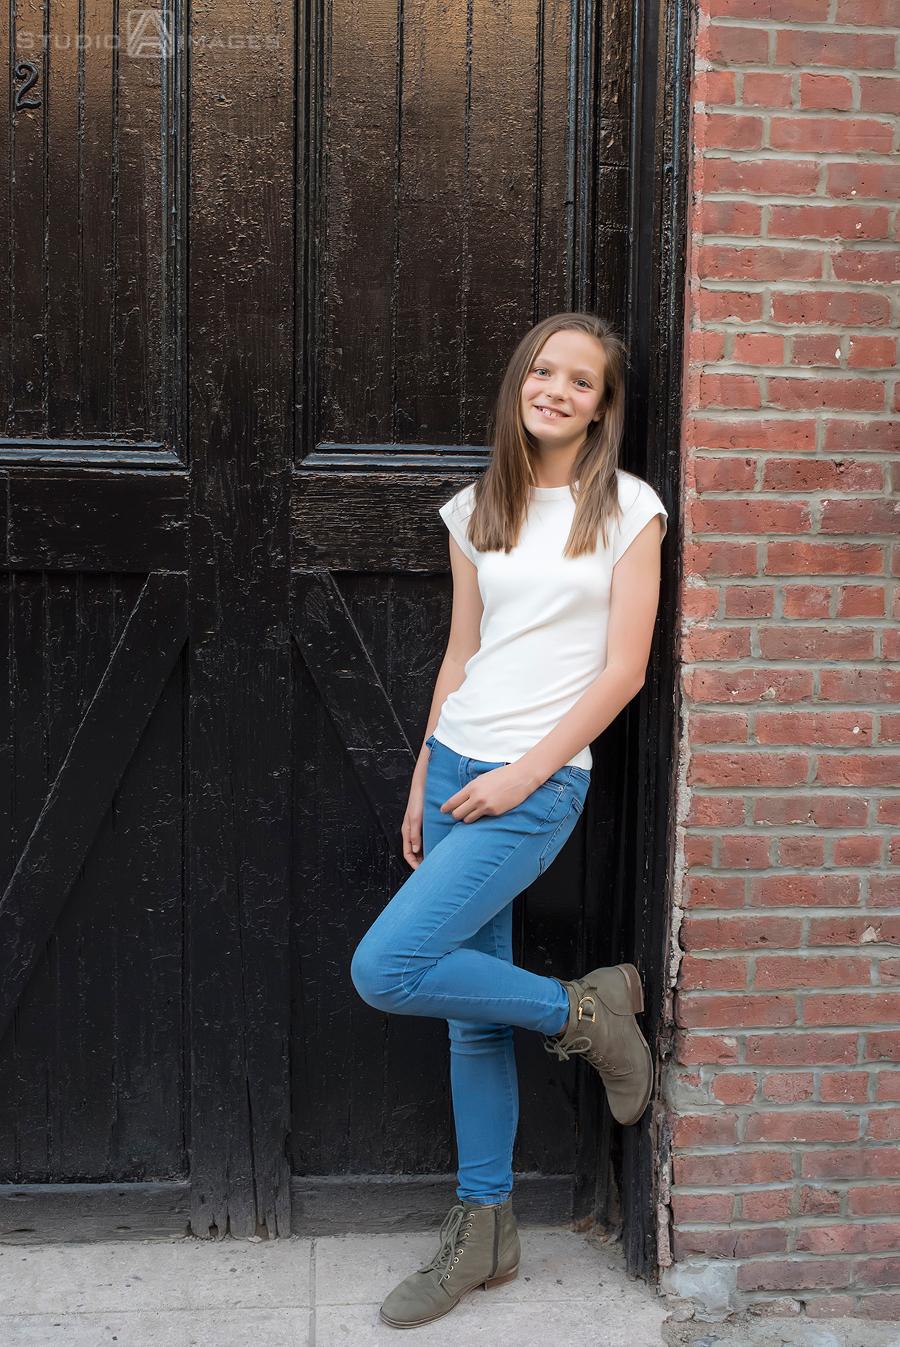 Hoboken Family Portrait Photography | Hoboken Family Photographer | Hoboken Family Photos | Court Street Family Photos